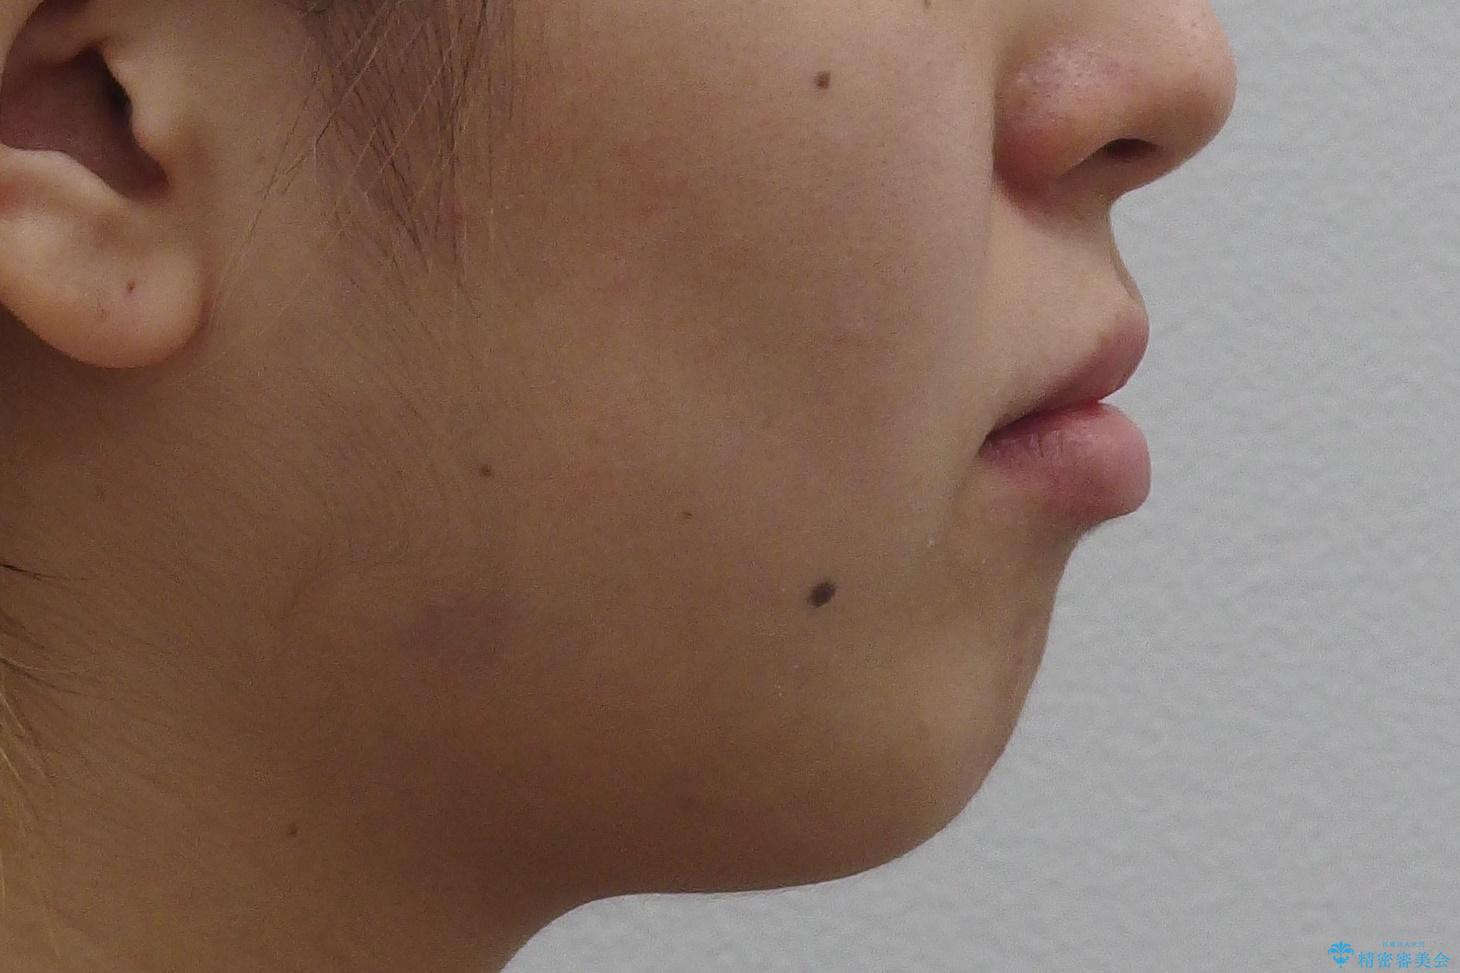 八重歯の治療 仕上がり重視での治療前(顔貌)